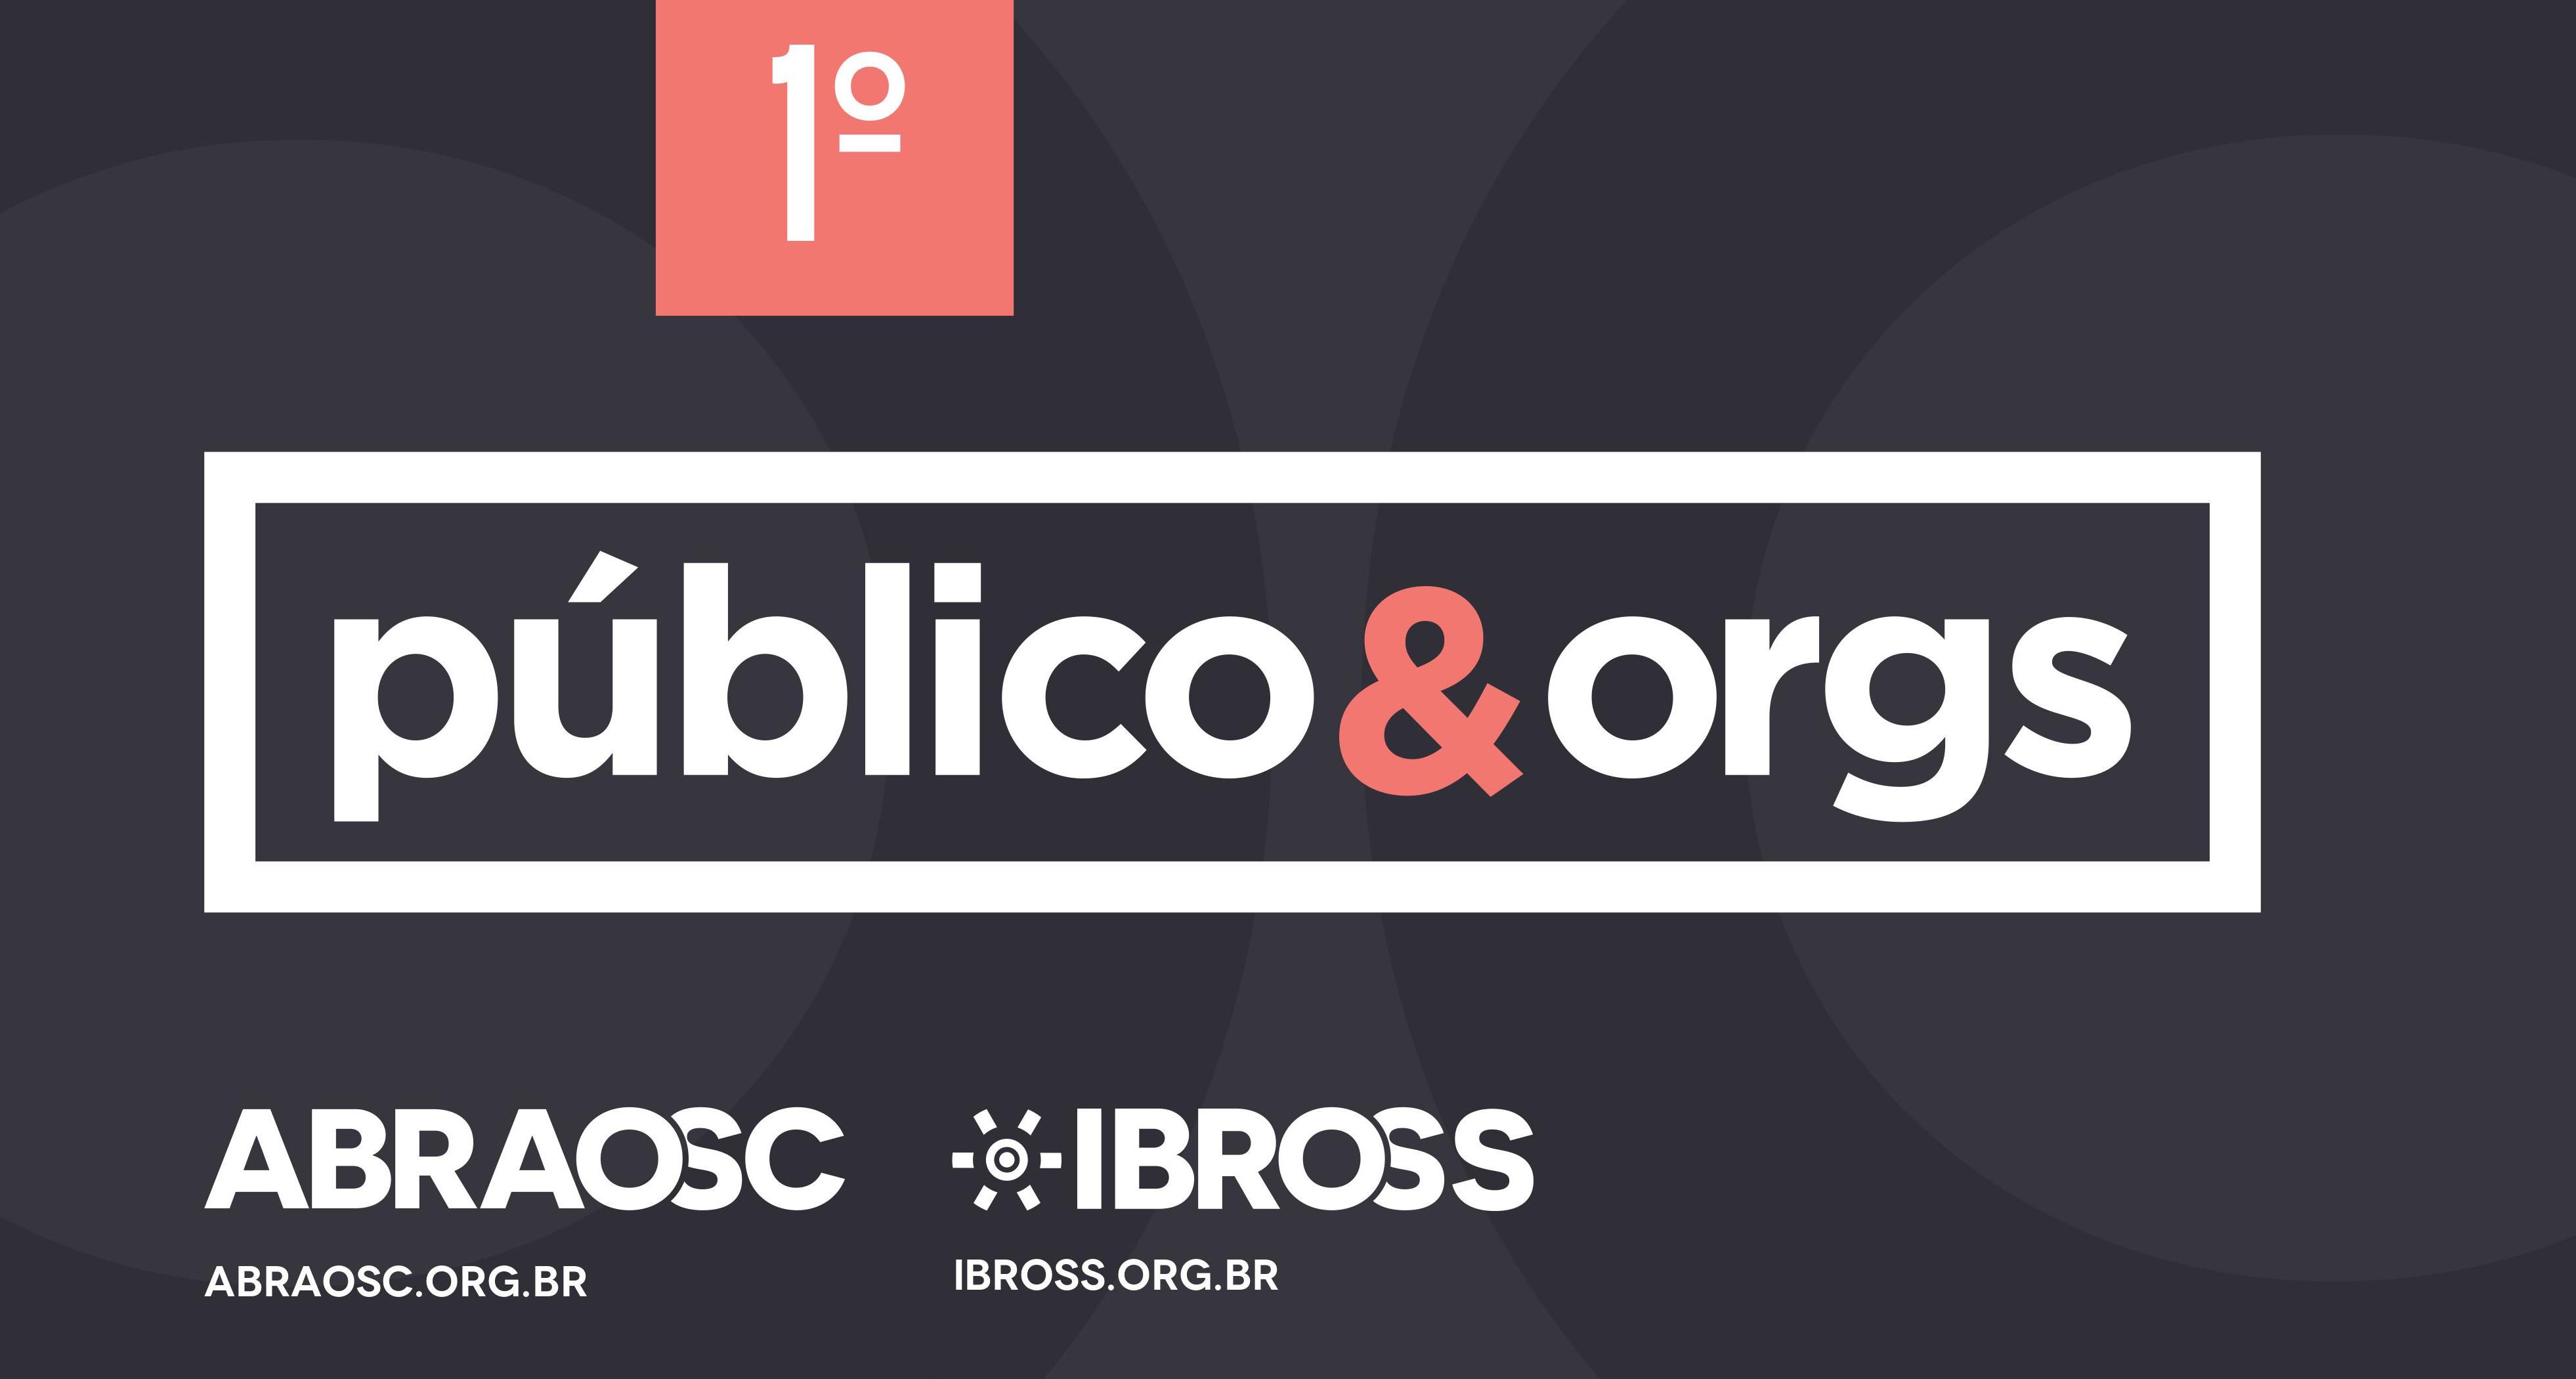 Vagas limitadas: 1º Público & Orgs discute papel da sociedade civil na gestão de serviços públicos